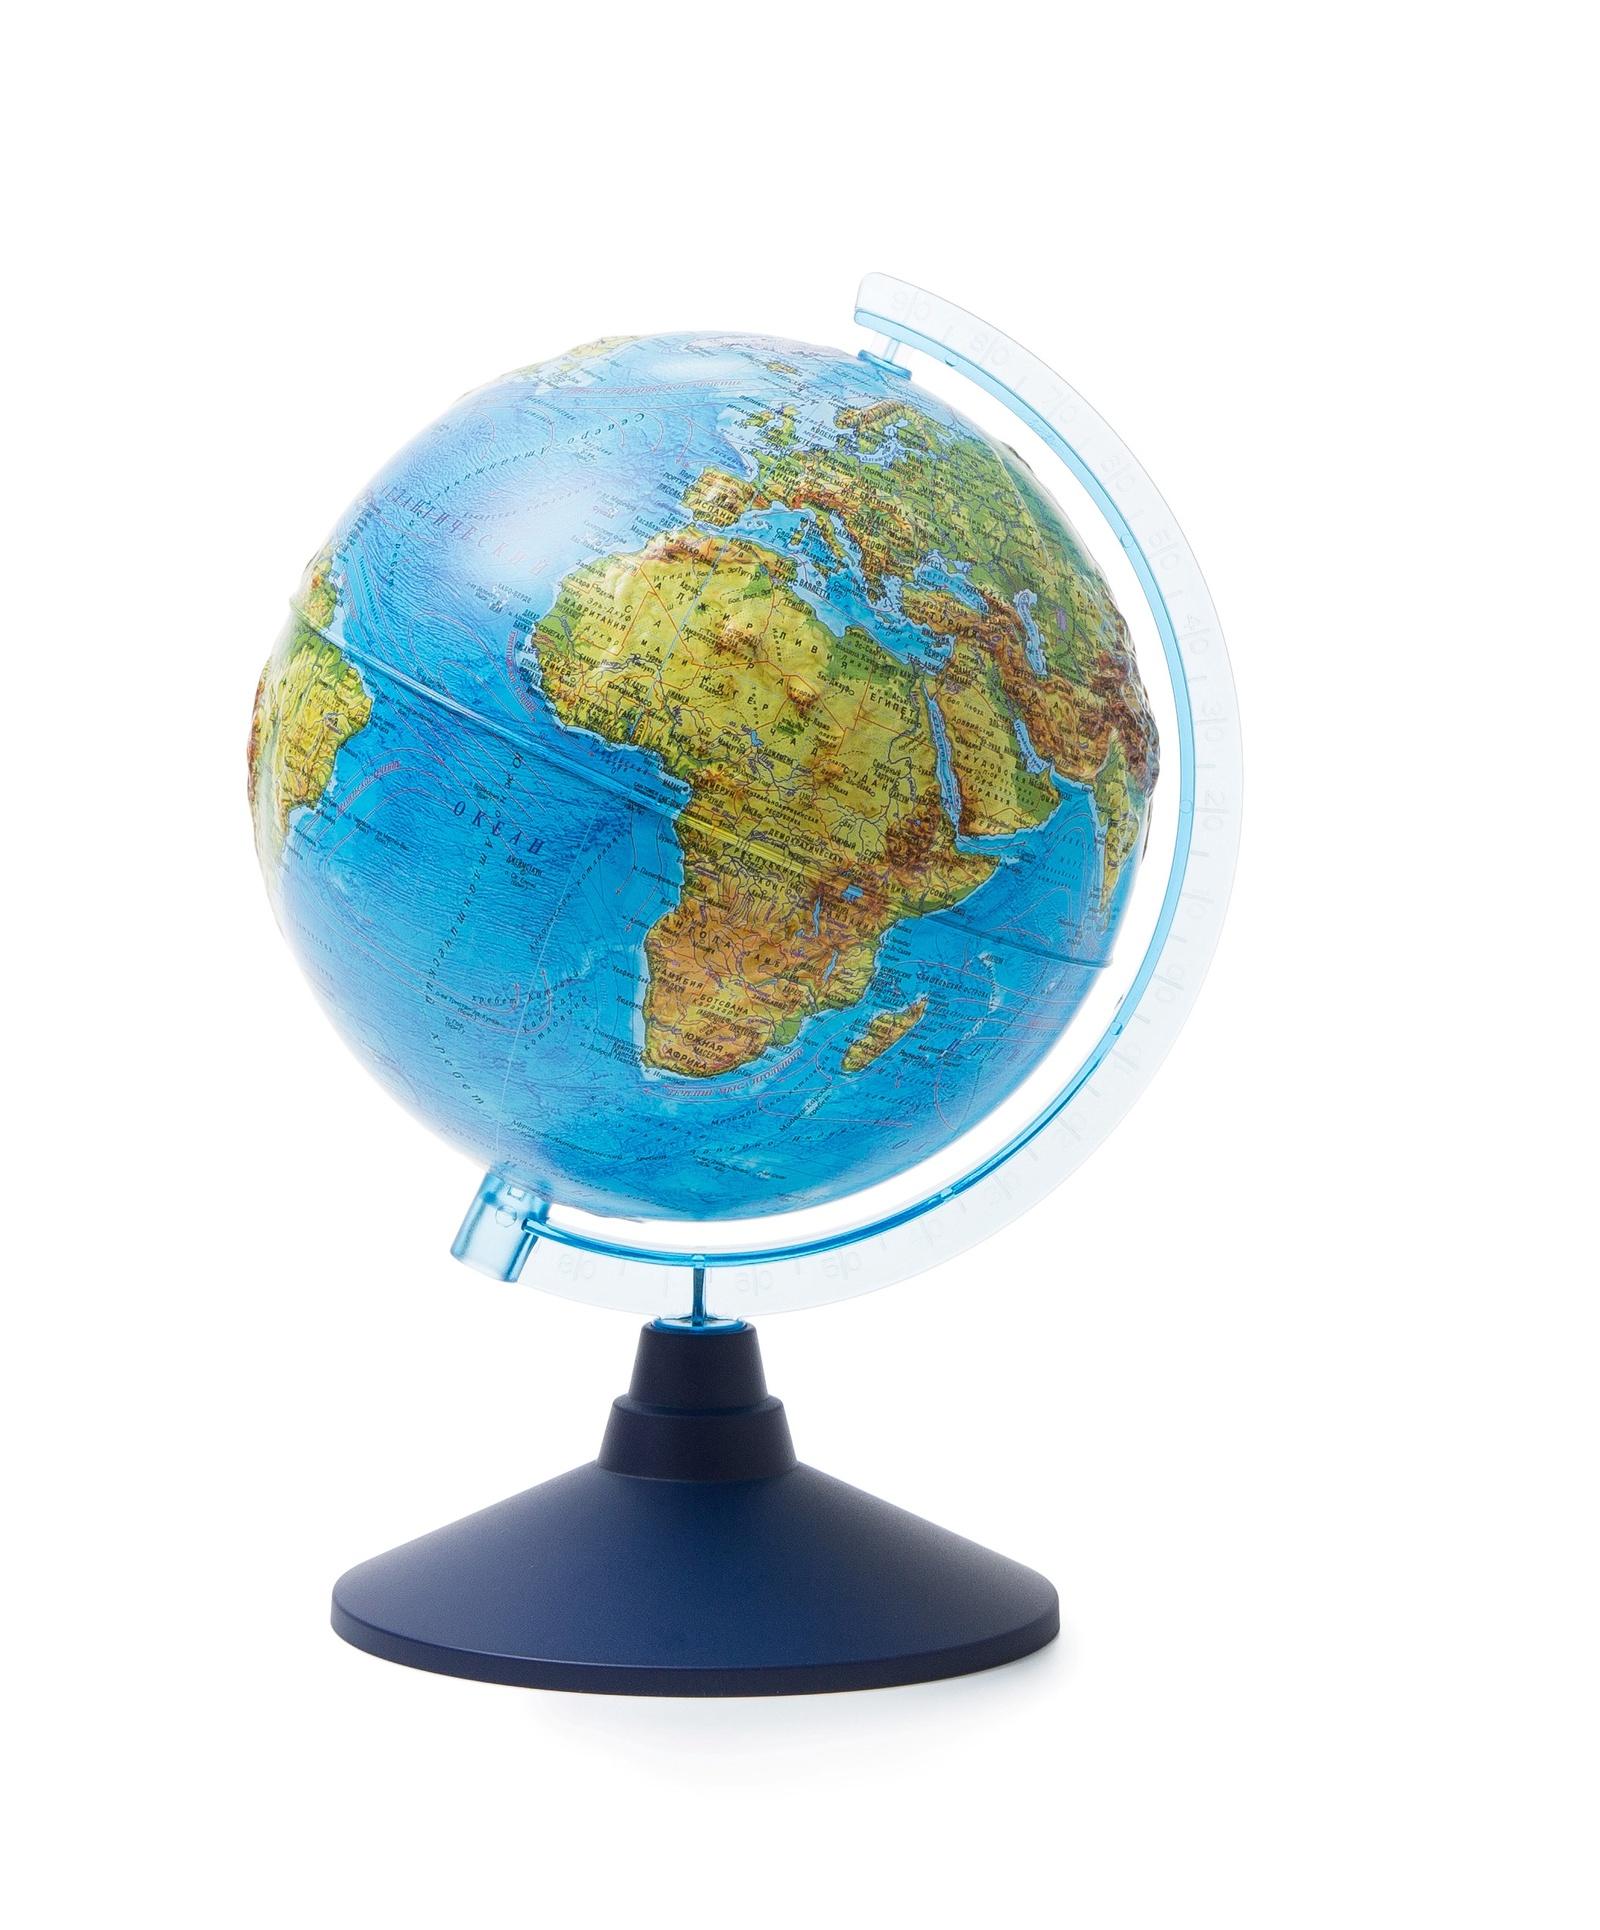 Глобус Globen Земли физический рельефный, диаметр 210 мм все цены